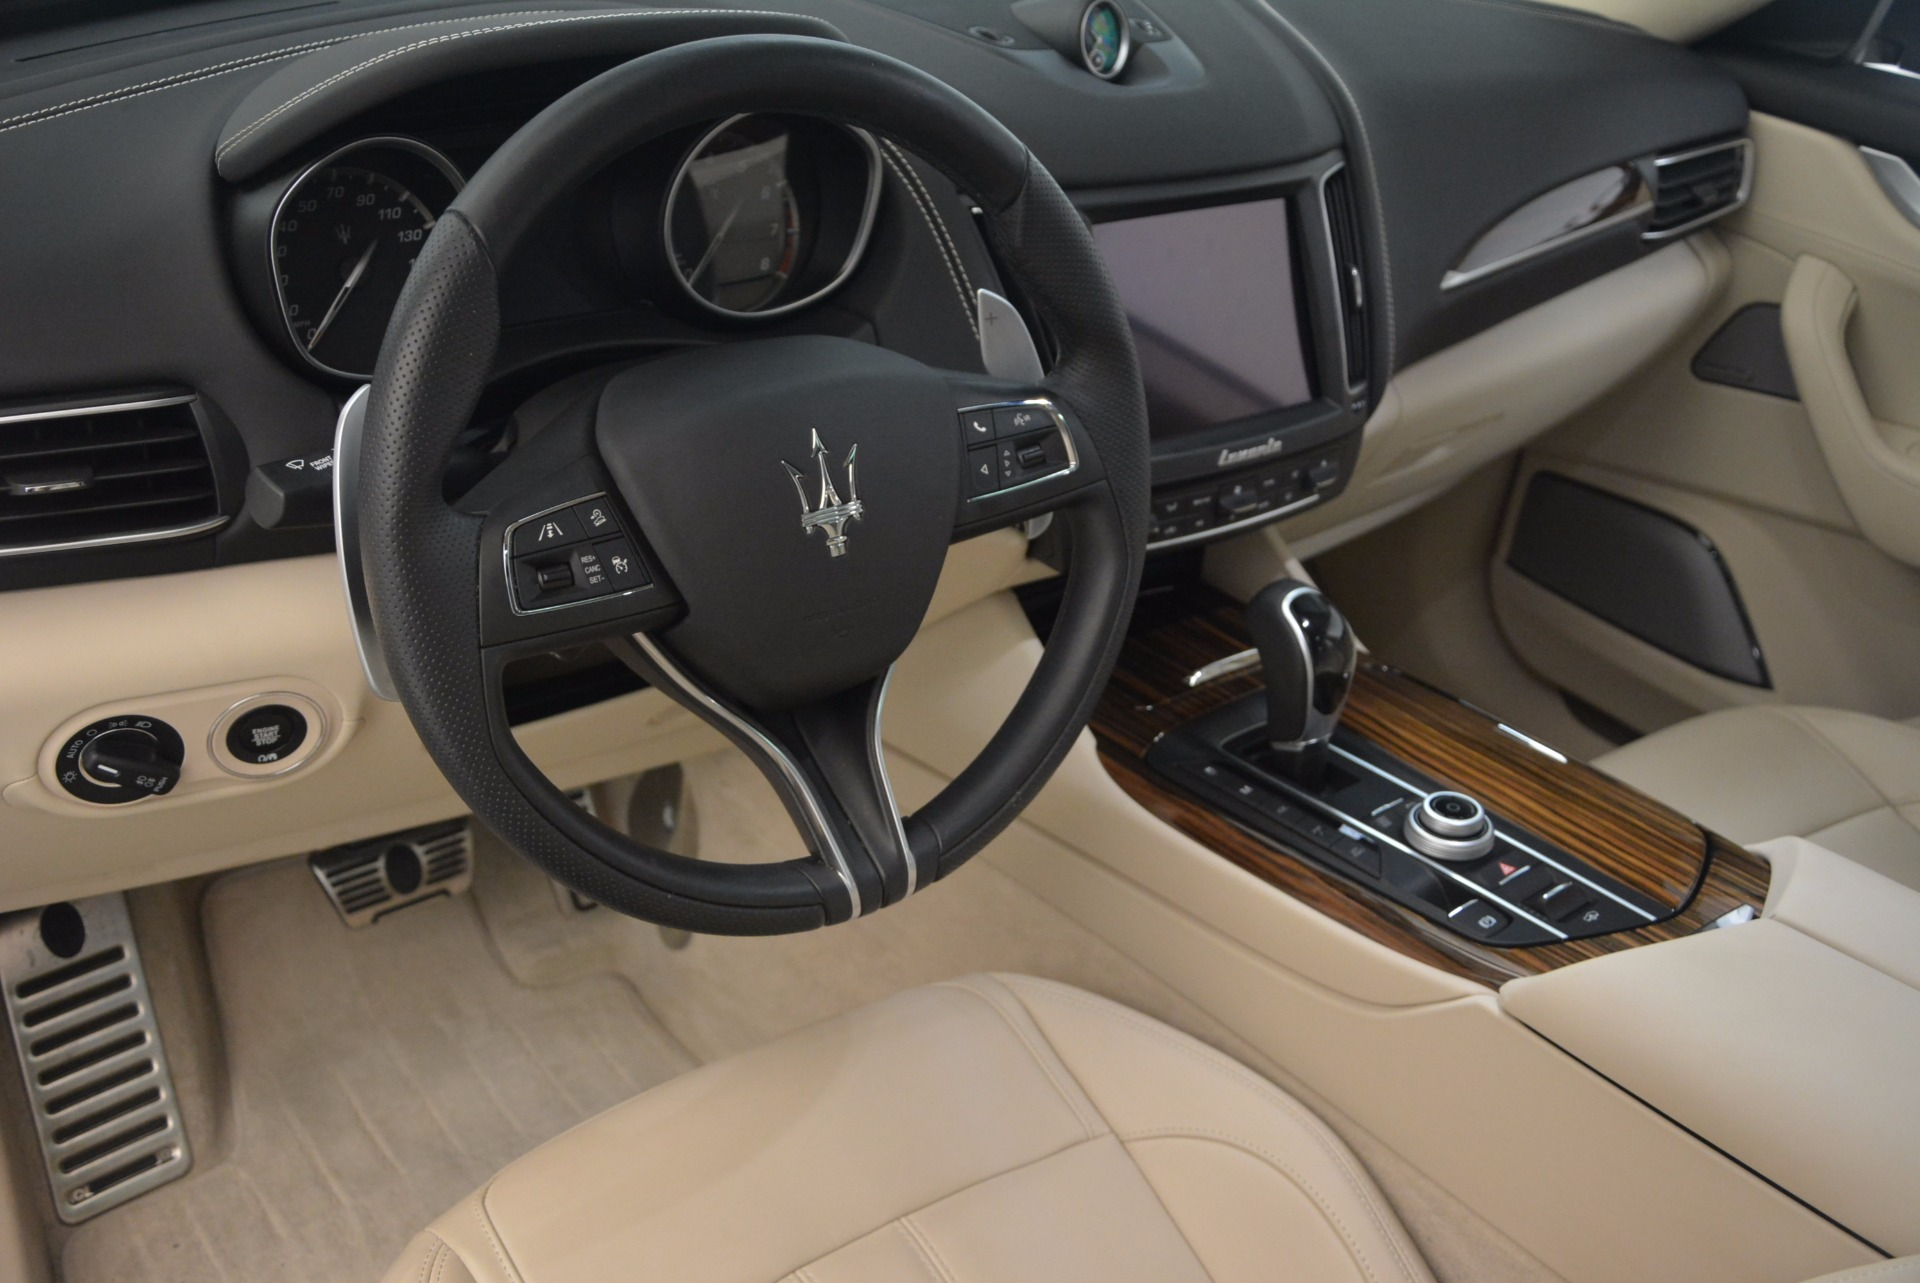 Used 2017 Maserati Levante S For Sale In Greenwich, CT. Alfa Romeo of Greenwich, 7255 1463_p13